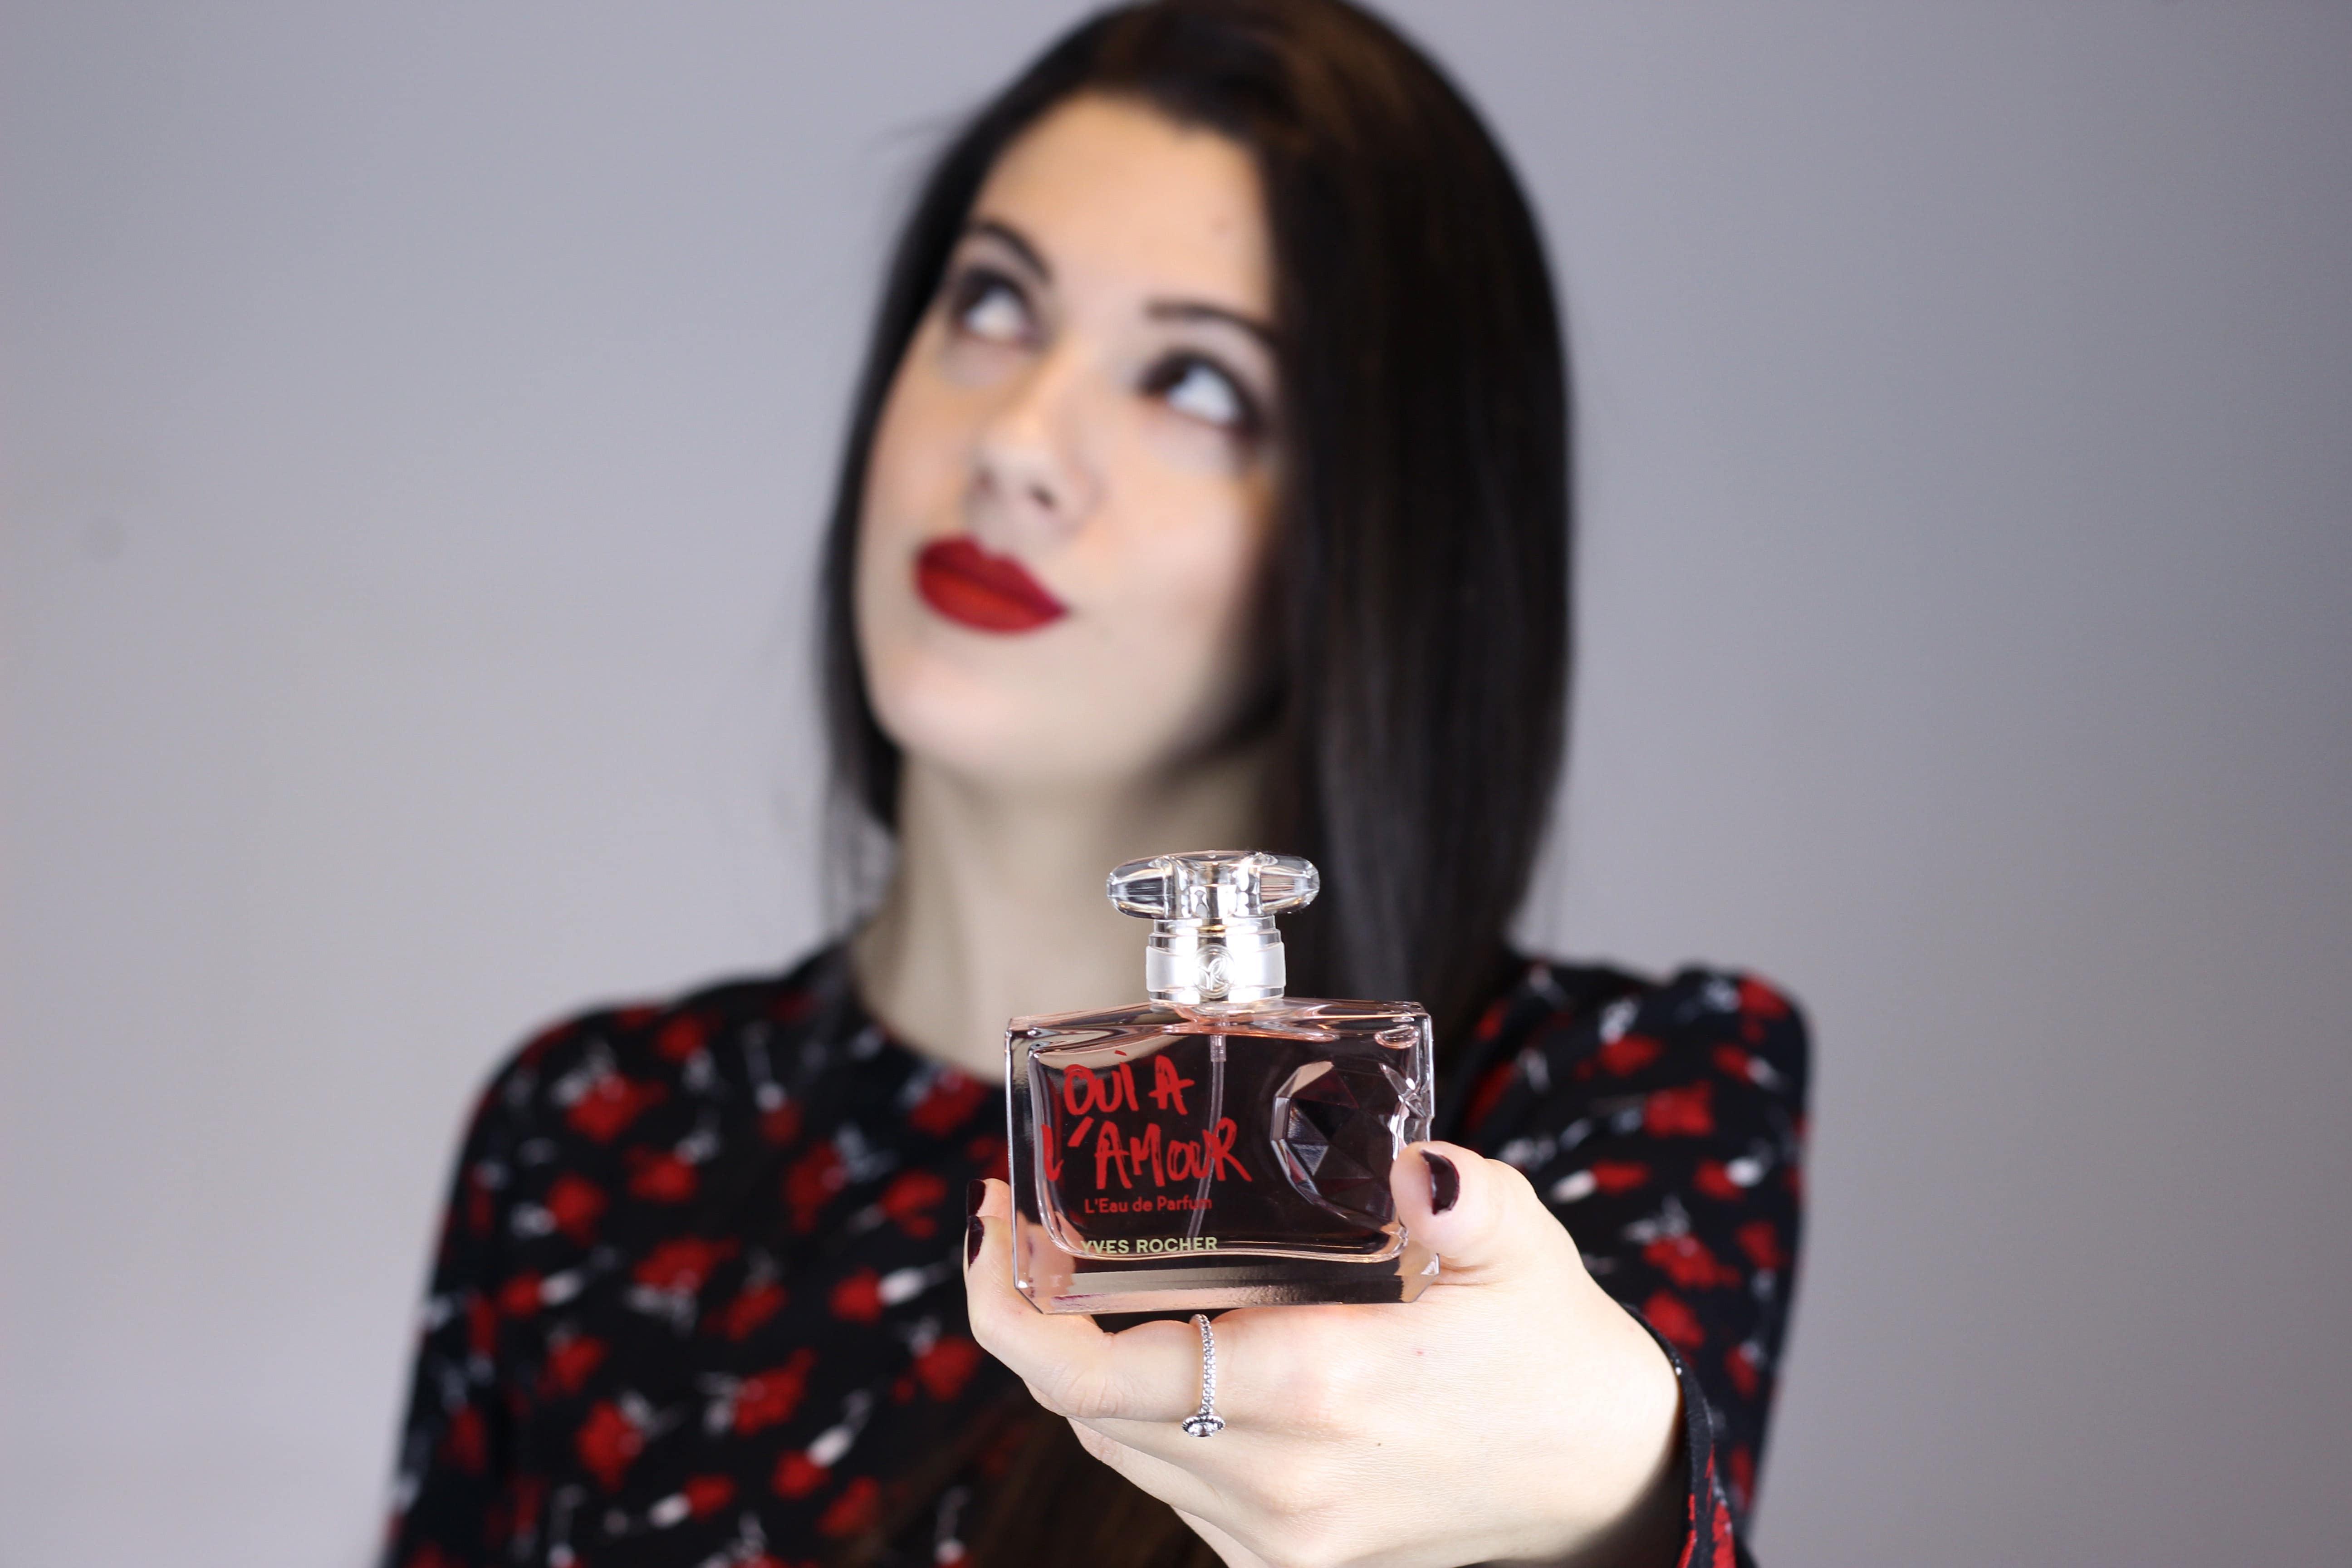 Yves Rocher Oui a l'Amour, la fragranza perfetta per San Valentino - Review, recensione, info, prezzi, dove acquistare